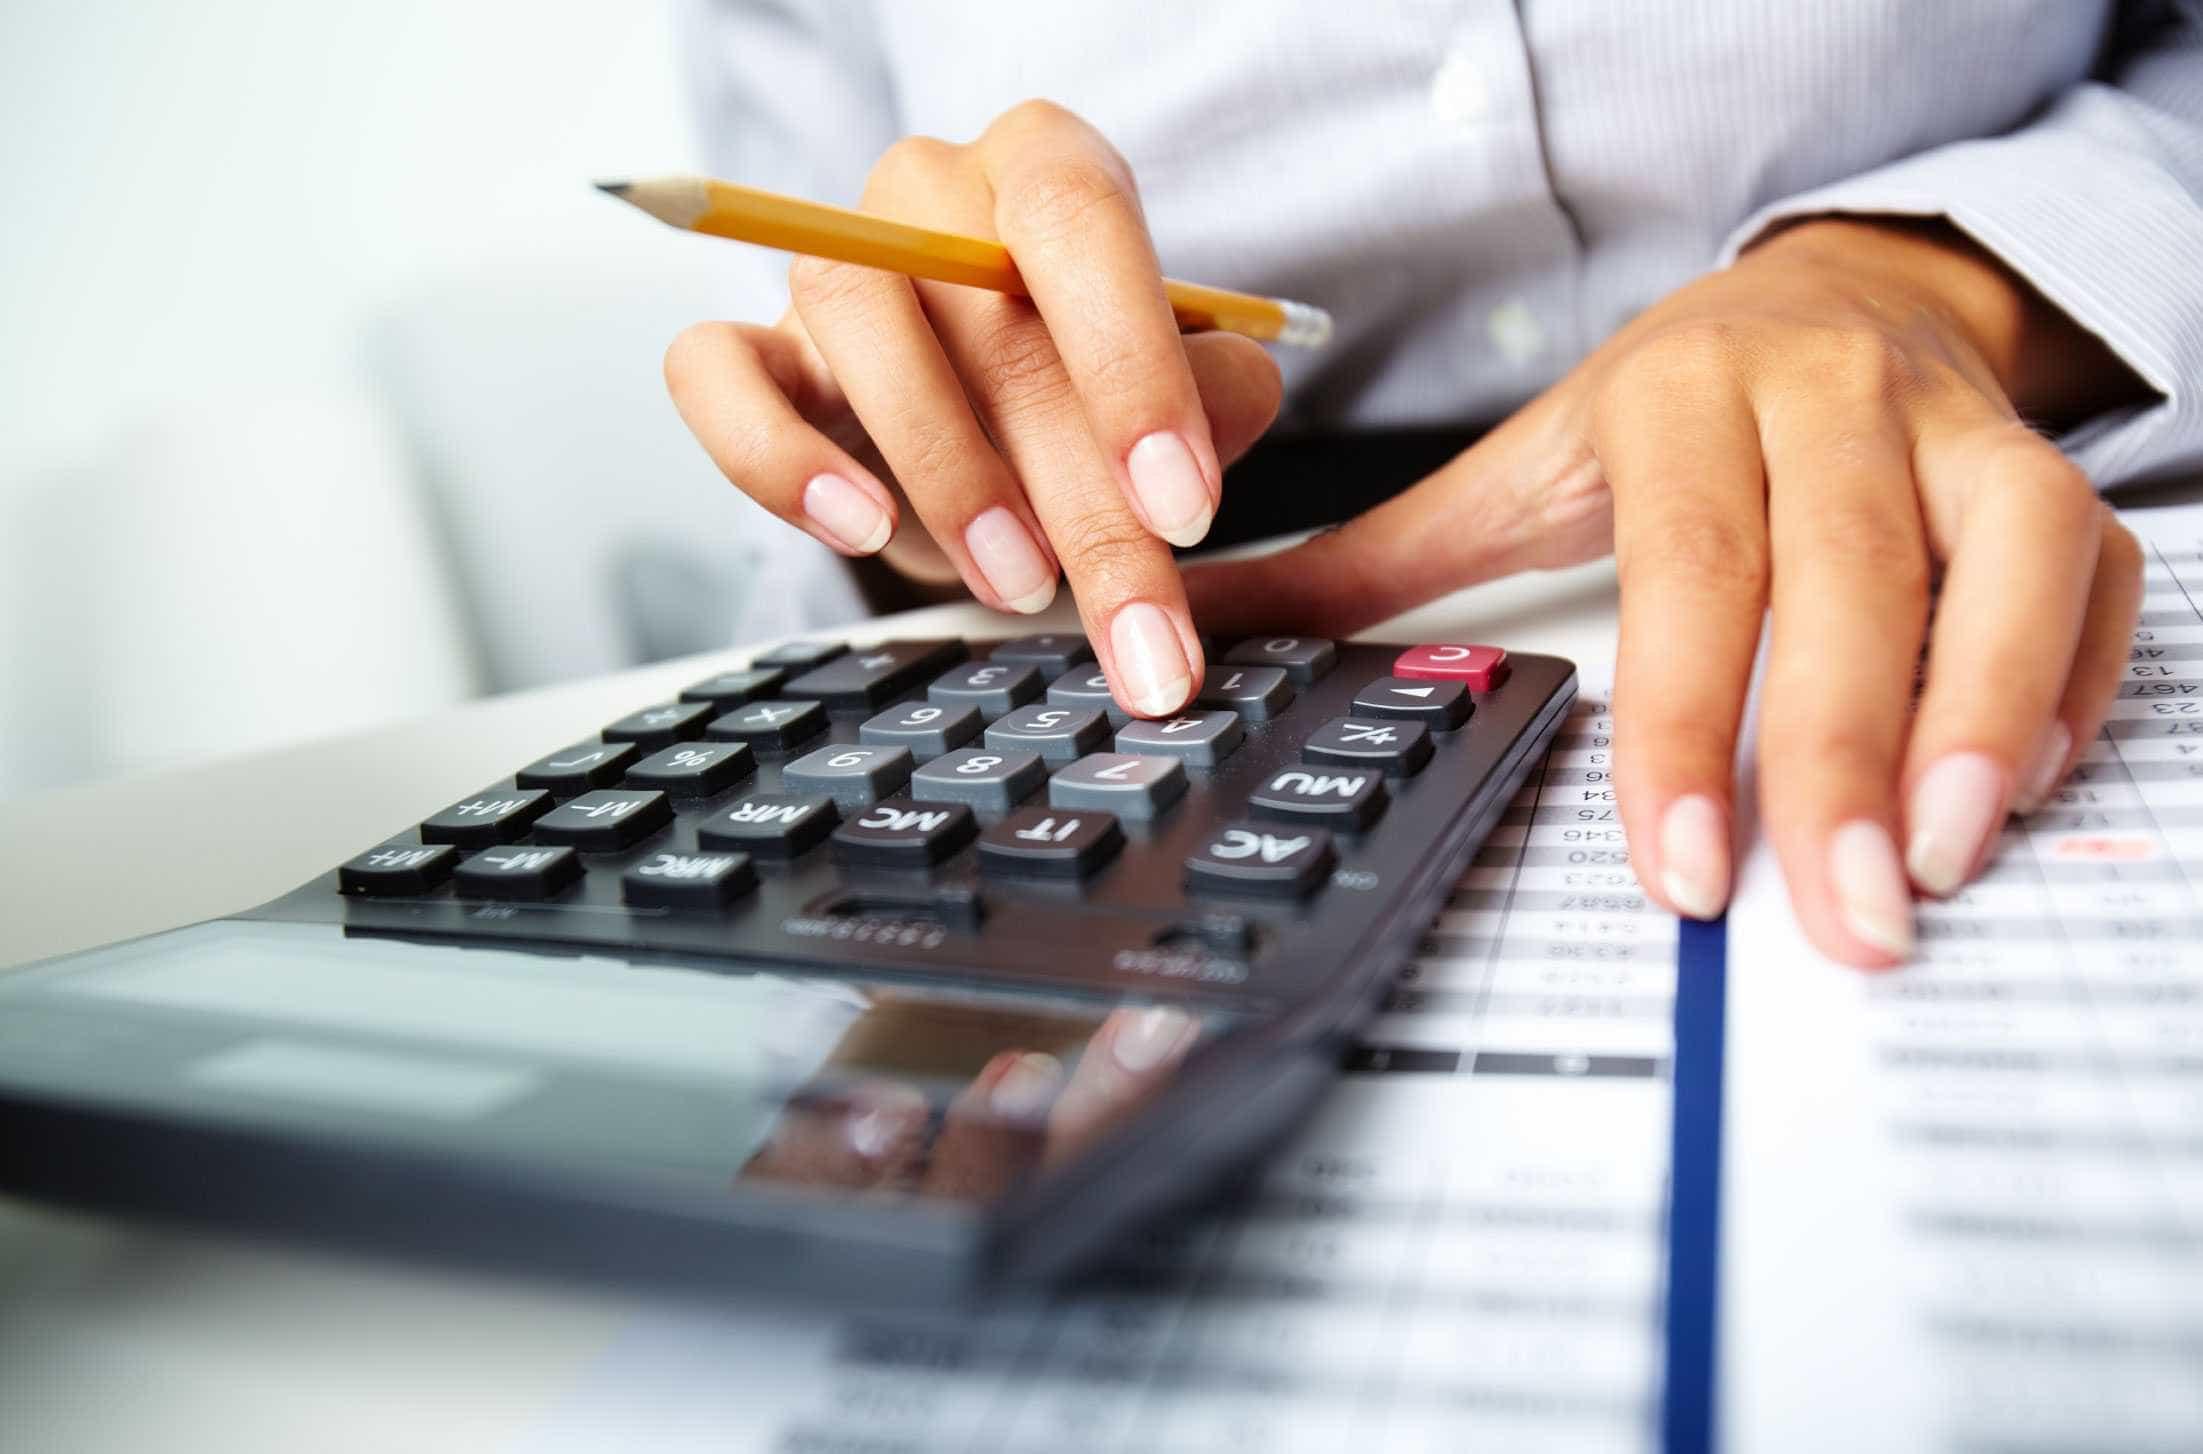 Cautela com cartão de crédito é chave para um ano novo sem estresse